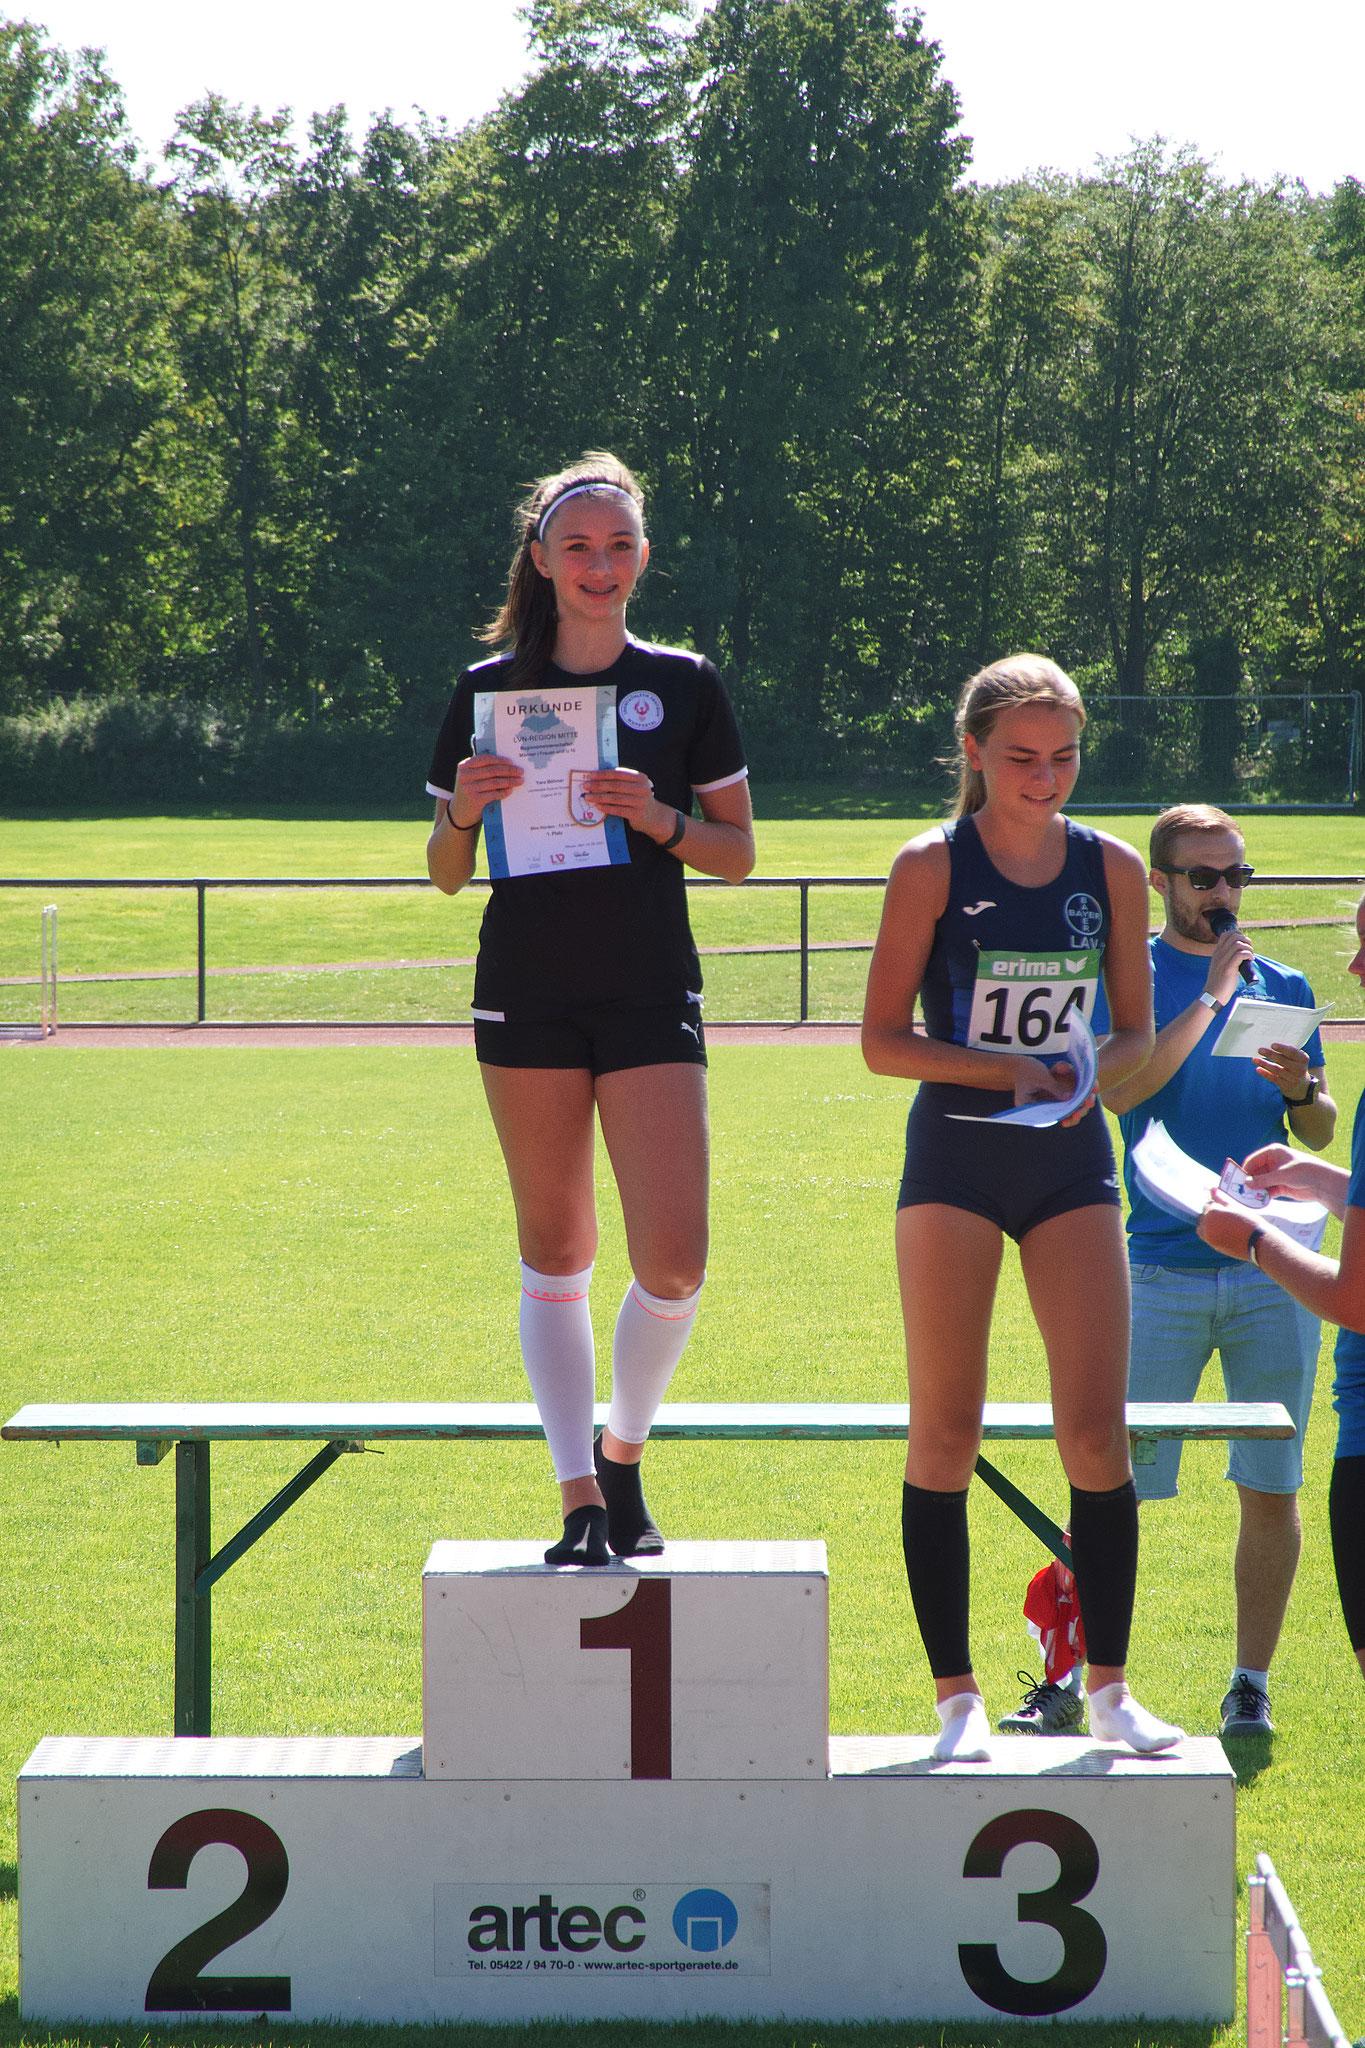 Siegerehrung: Yara Böhmer (Platz 1)